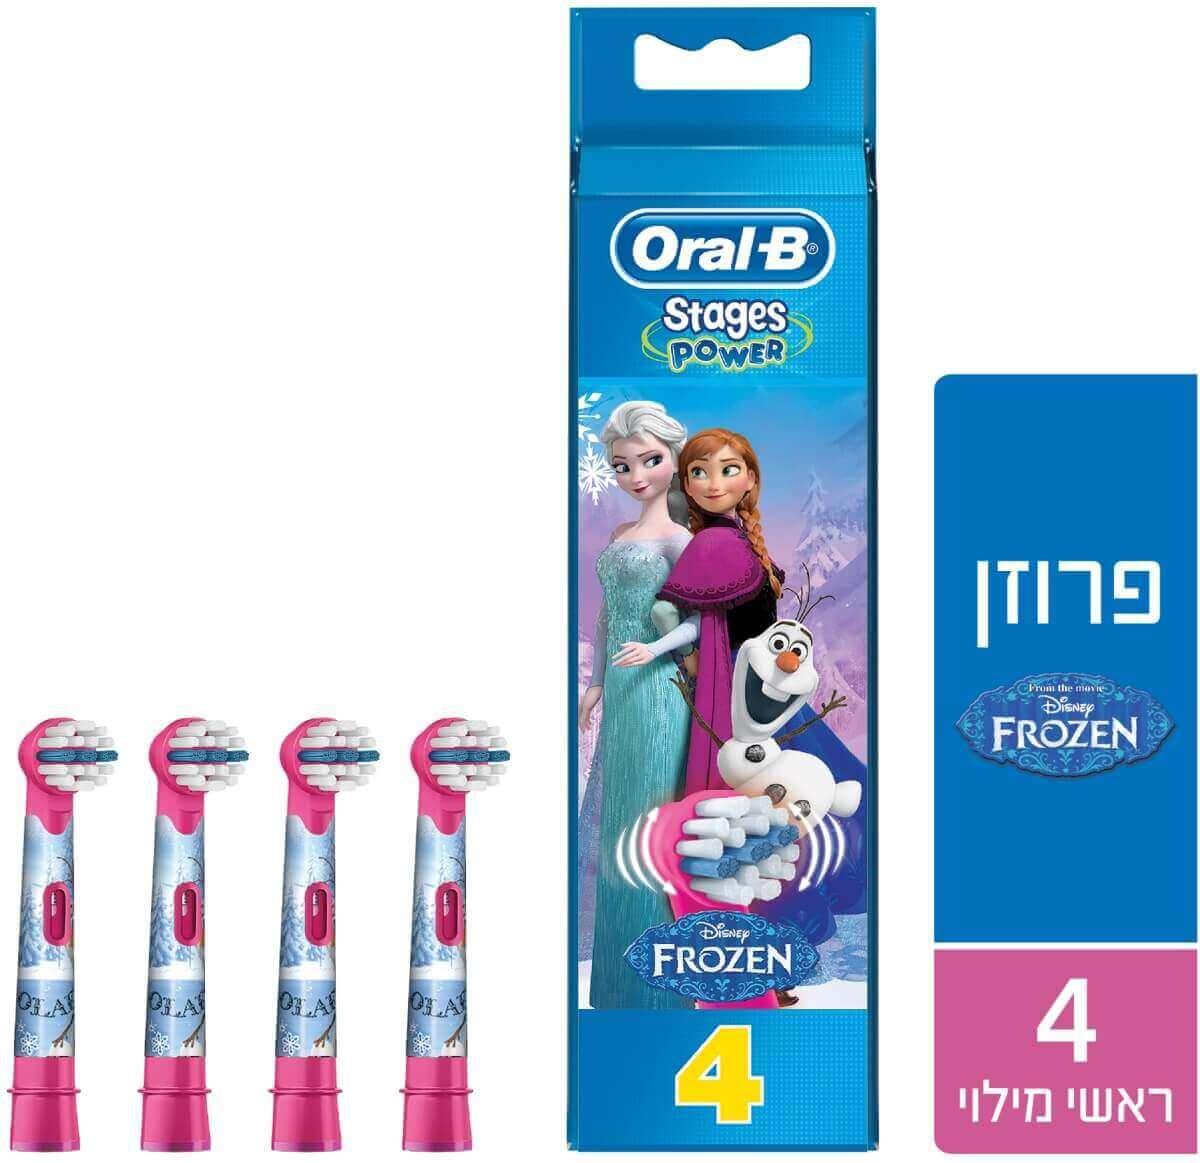 אורל בי ראש למברשת שיניים לילדים חשמלית פרוזן - 4 יחידותתמונה של